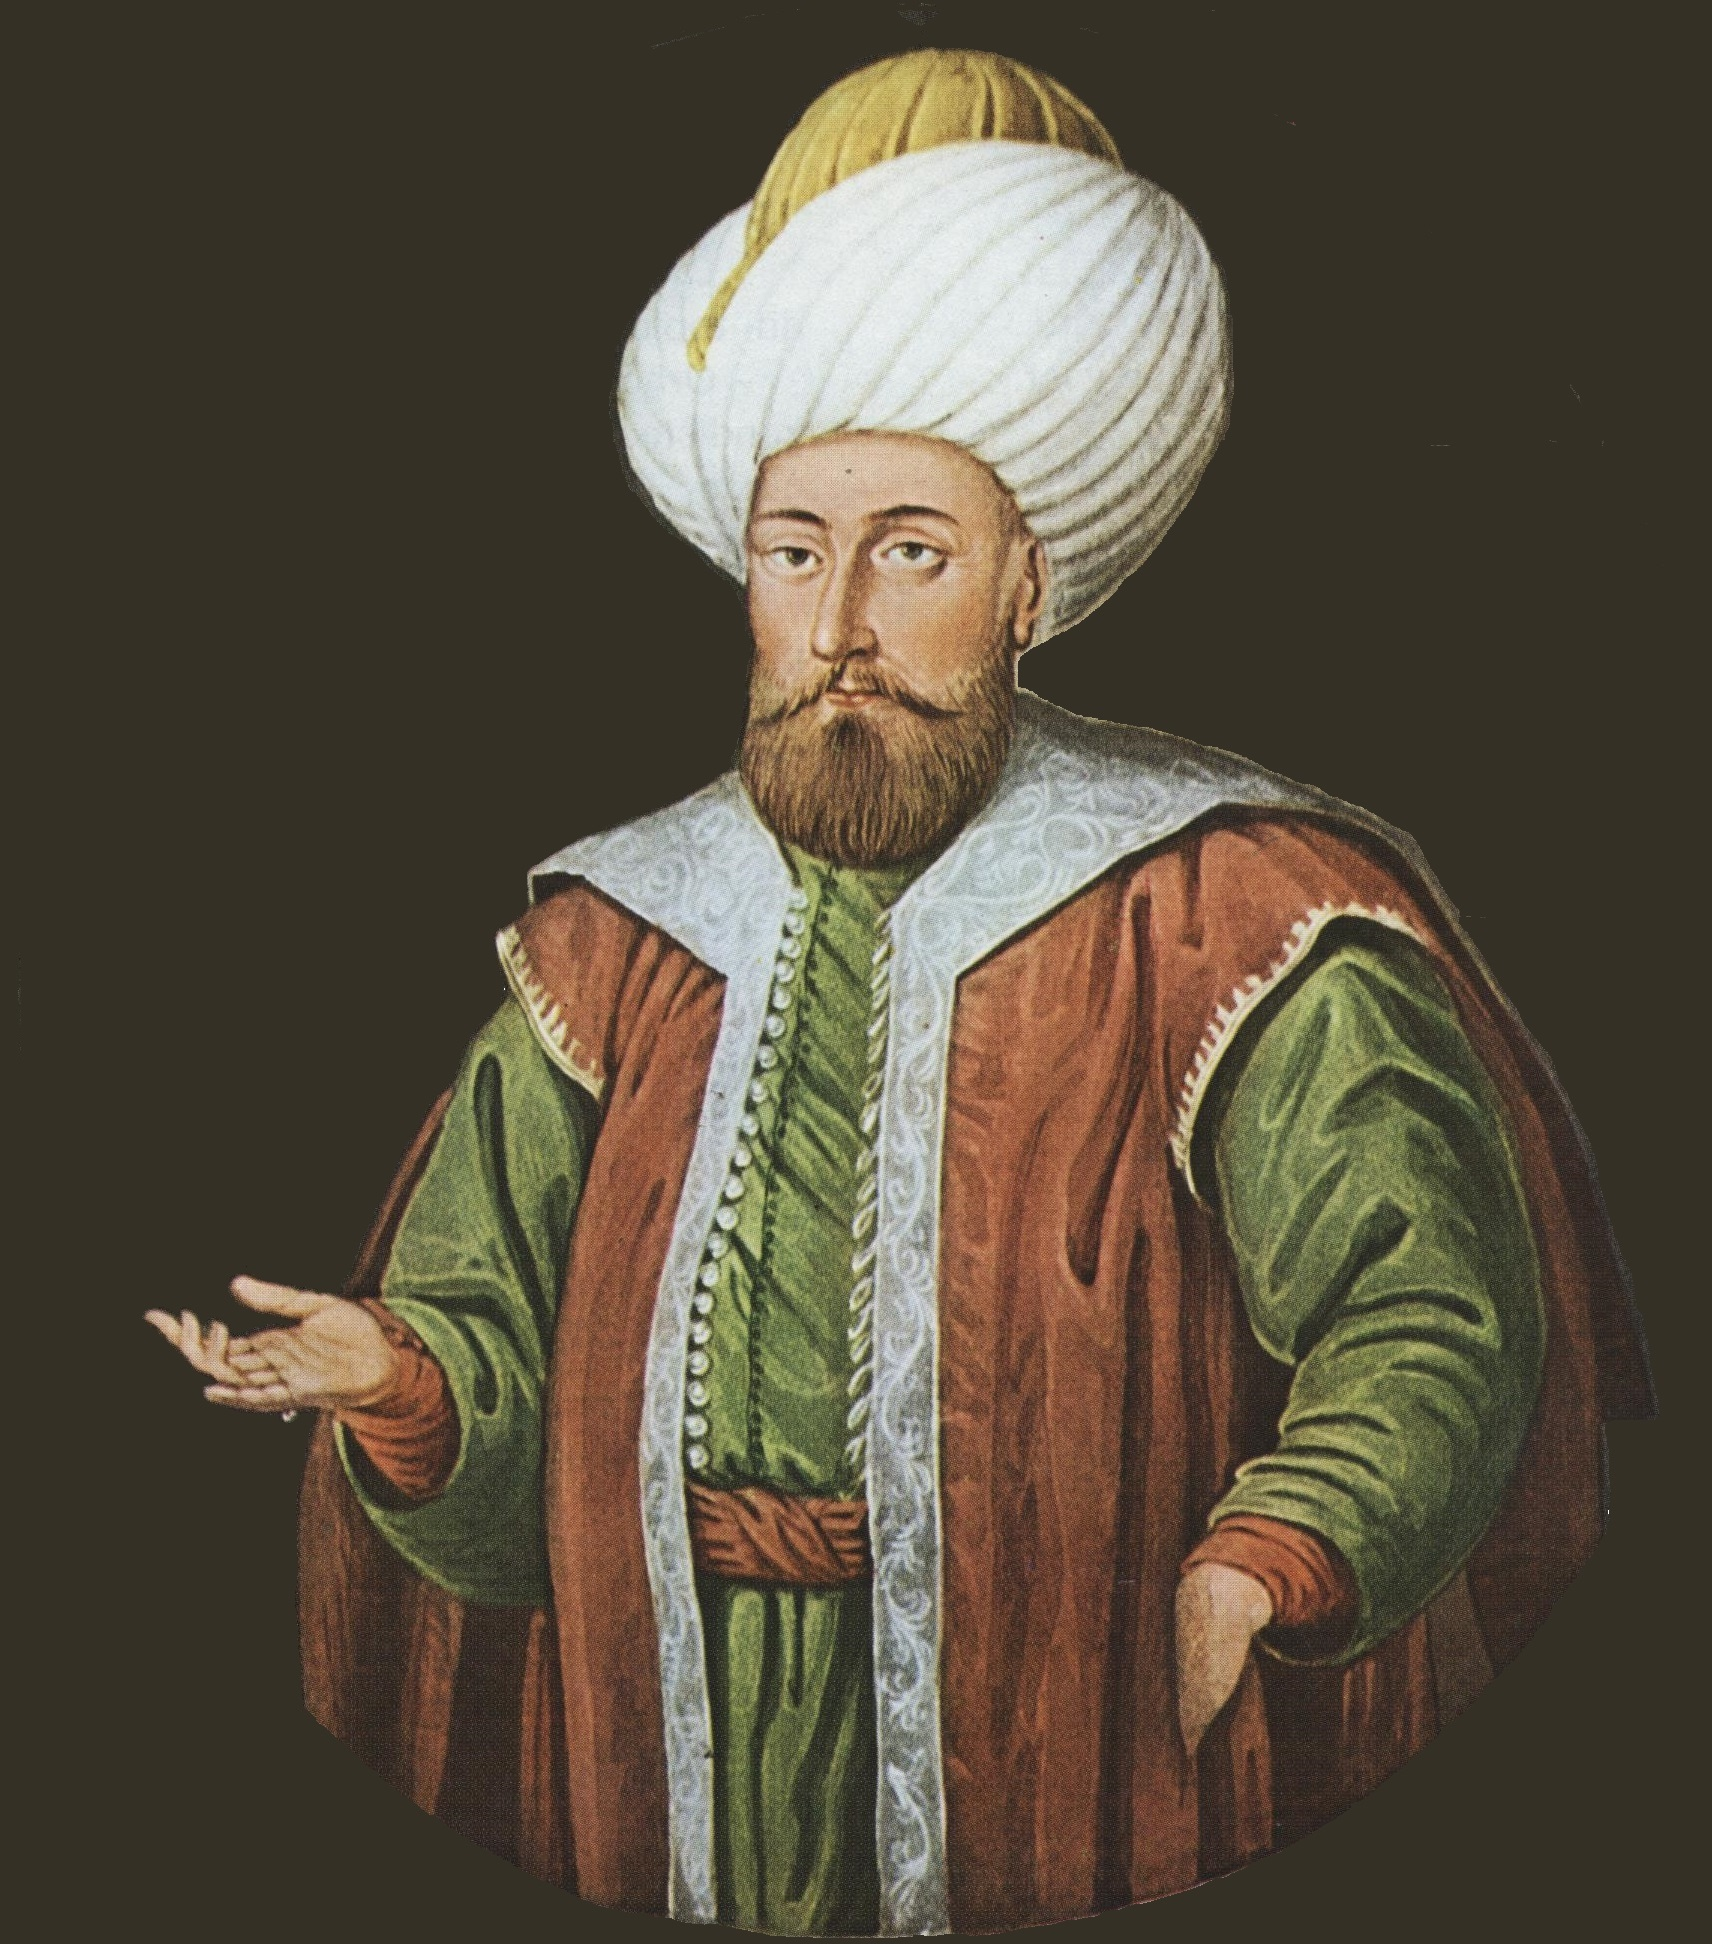 السلطان مراد الأول .